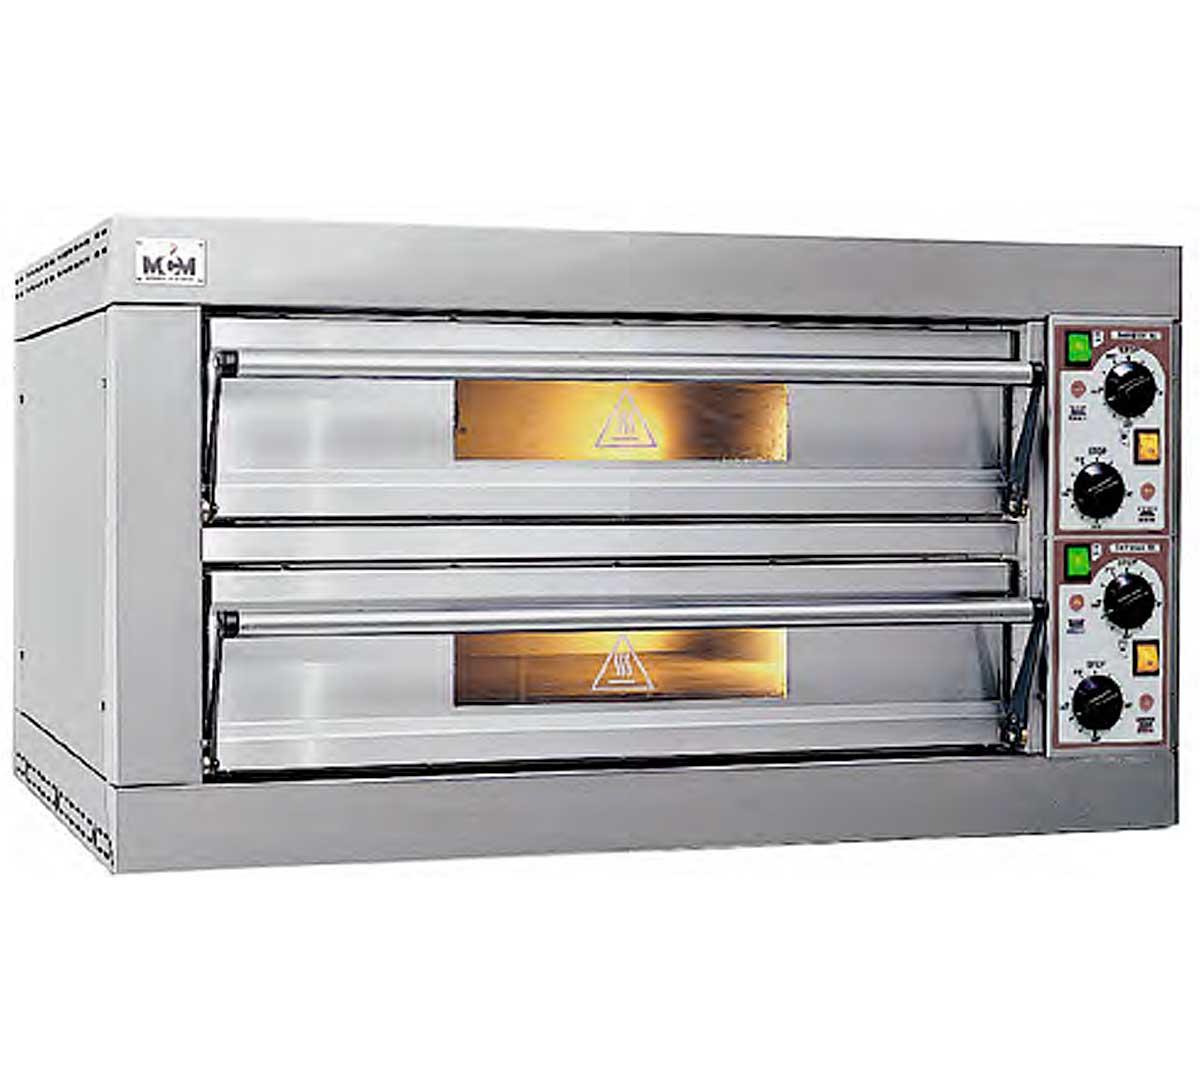 Horno pizza hpeg de mcm for Horno para cuchillos